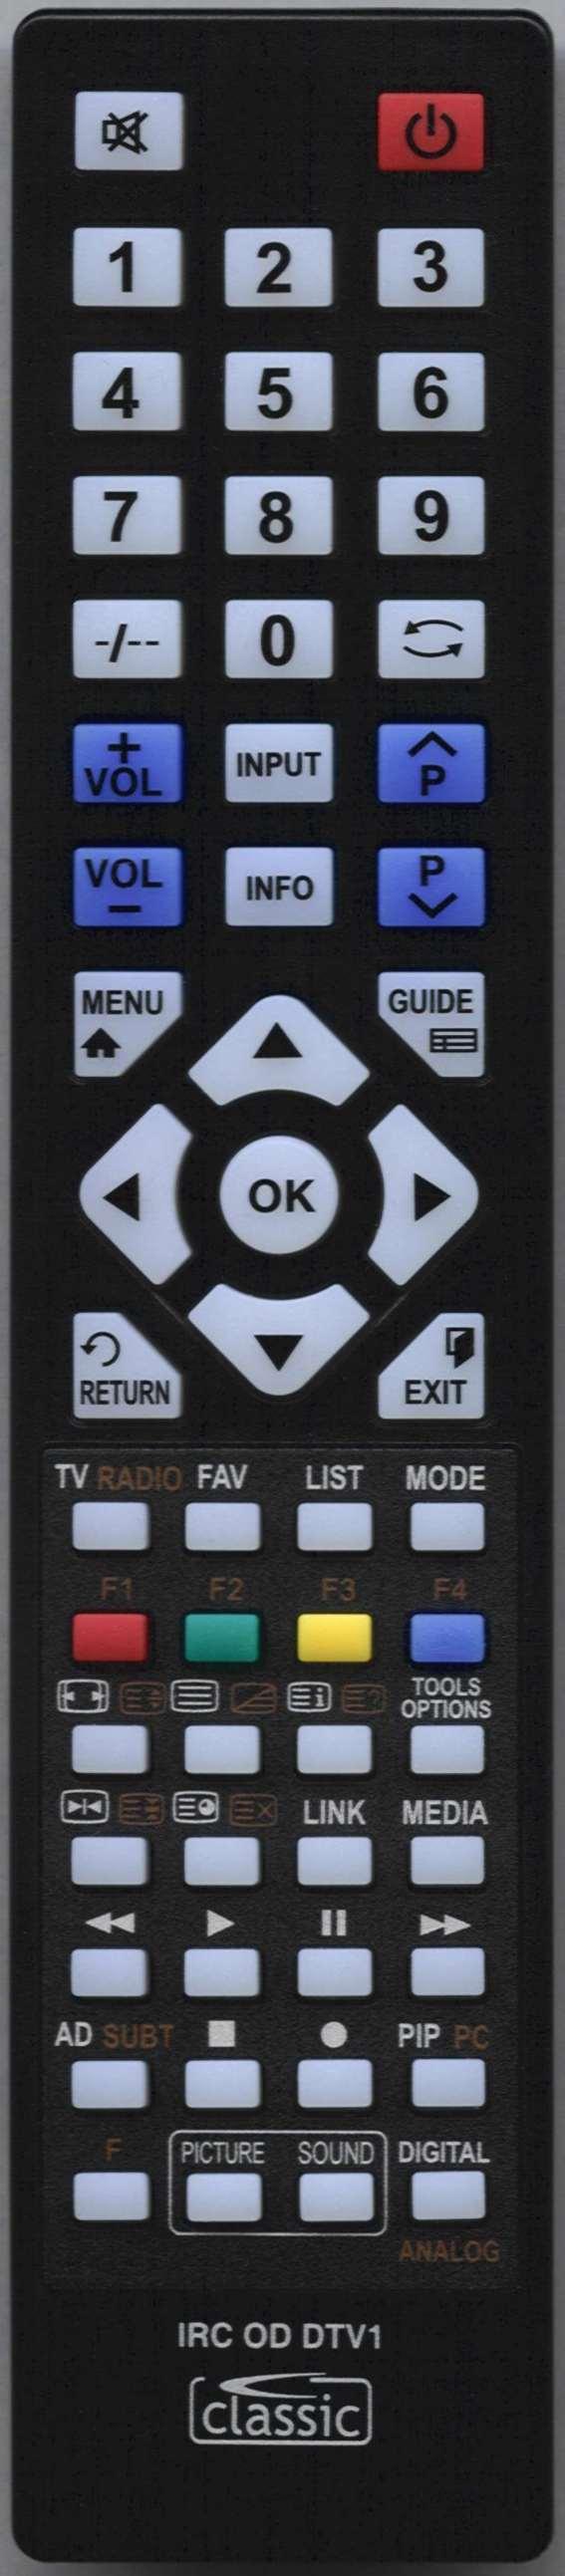 CELLO C22230F TRAVELLER V4 Remote Control